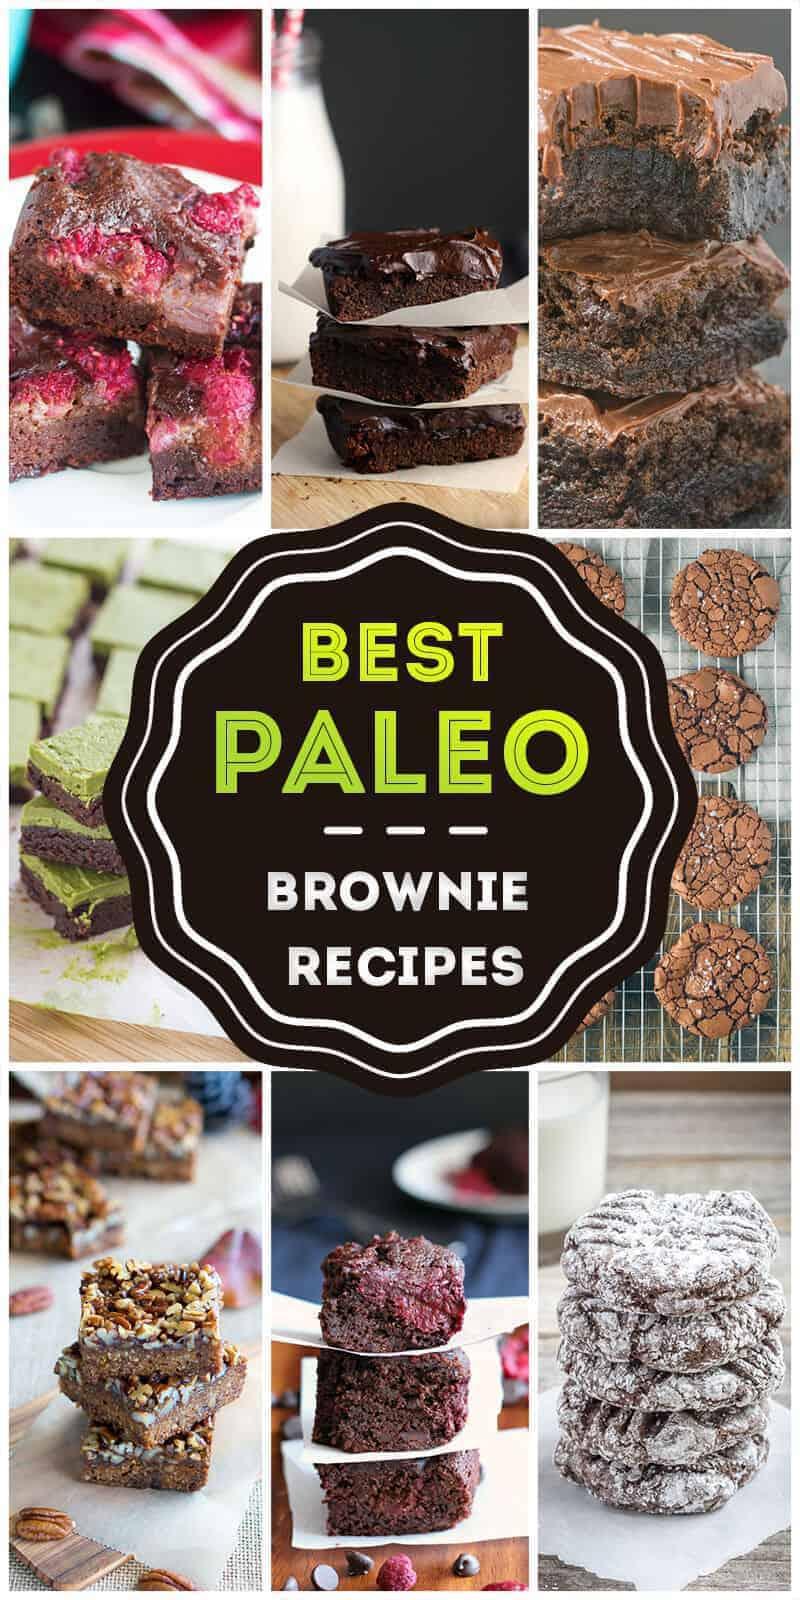 Best Paleo Brownies